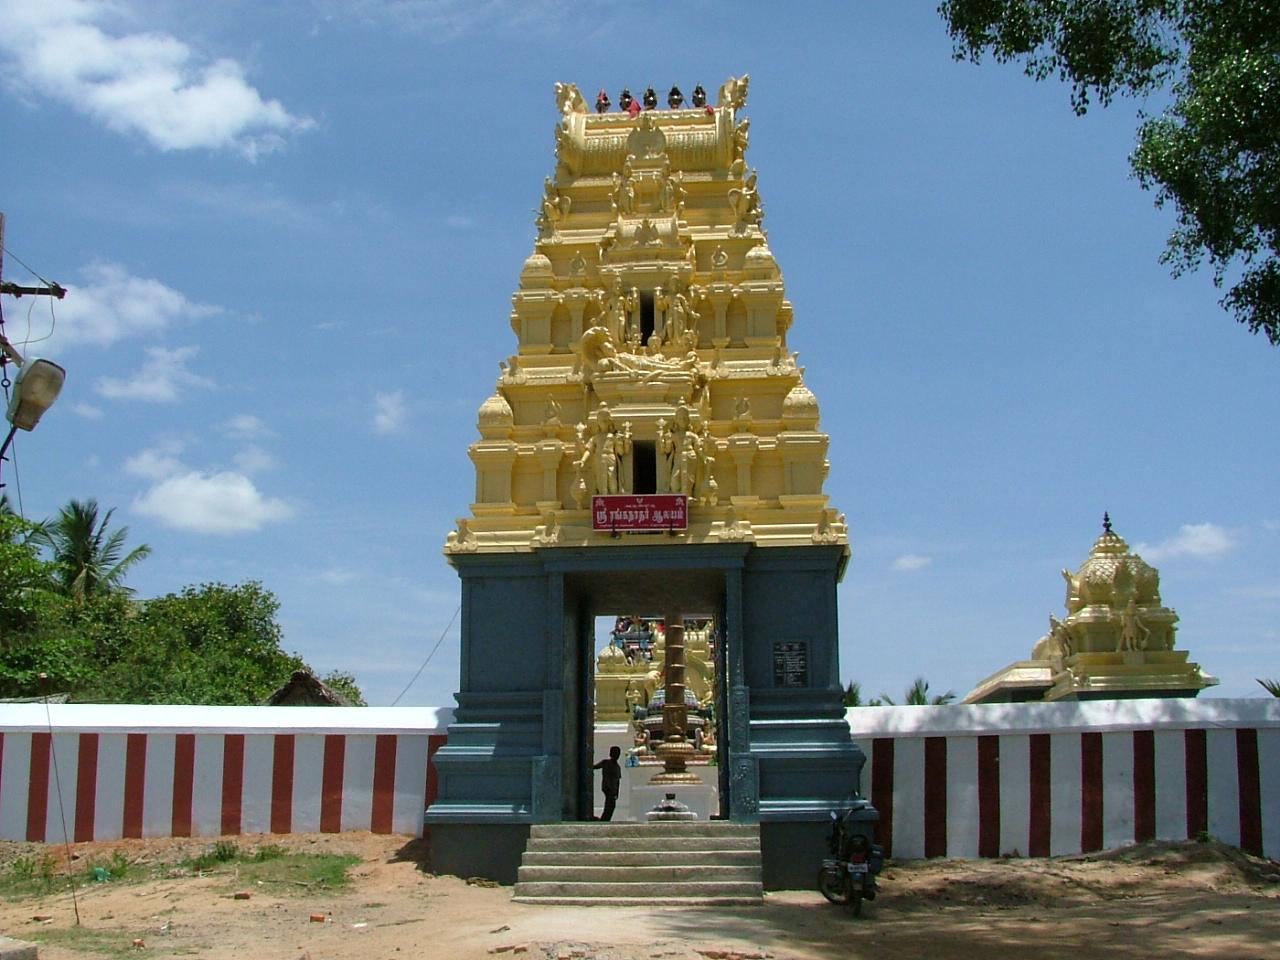 ஸ்ரீ ரங்கநாதர் ஆலயம், தேவதானம்,மீஞ்சூர்